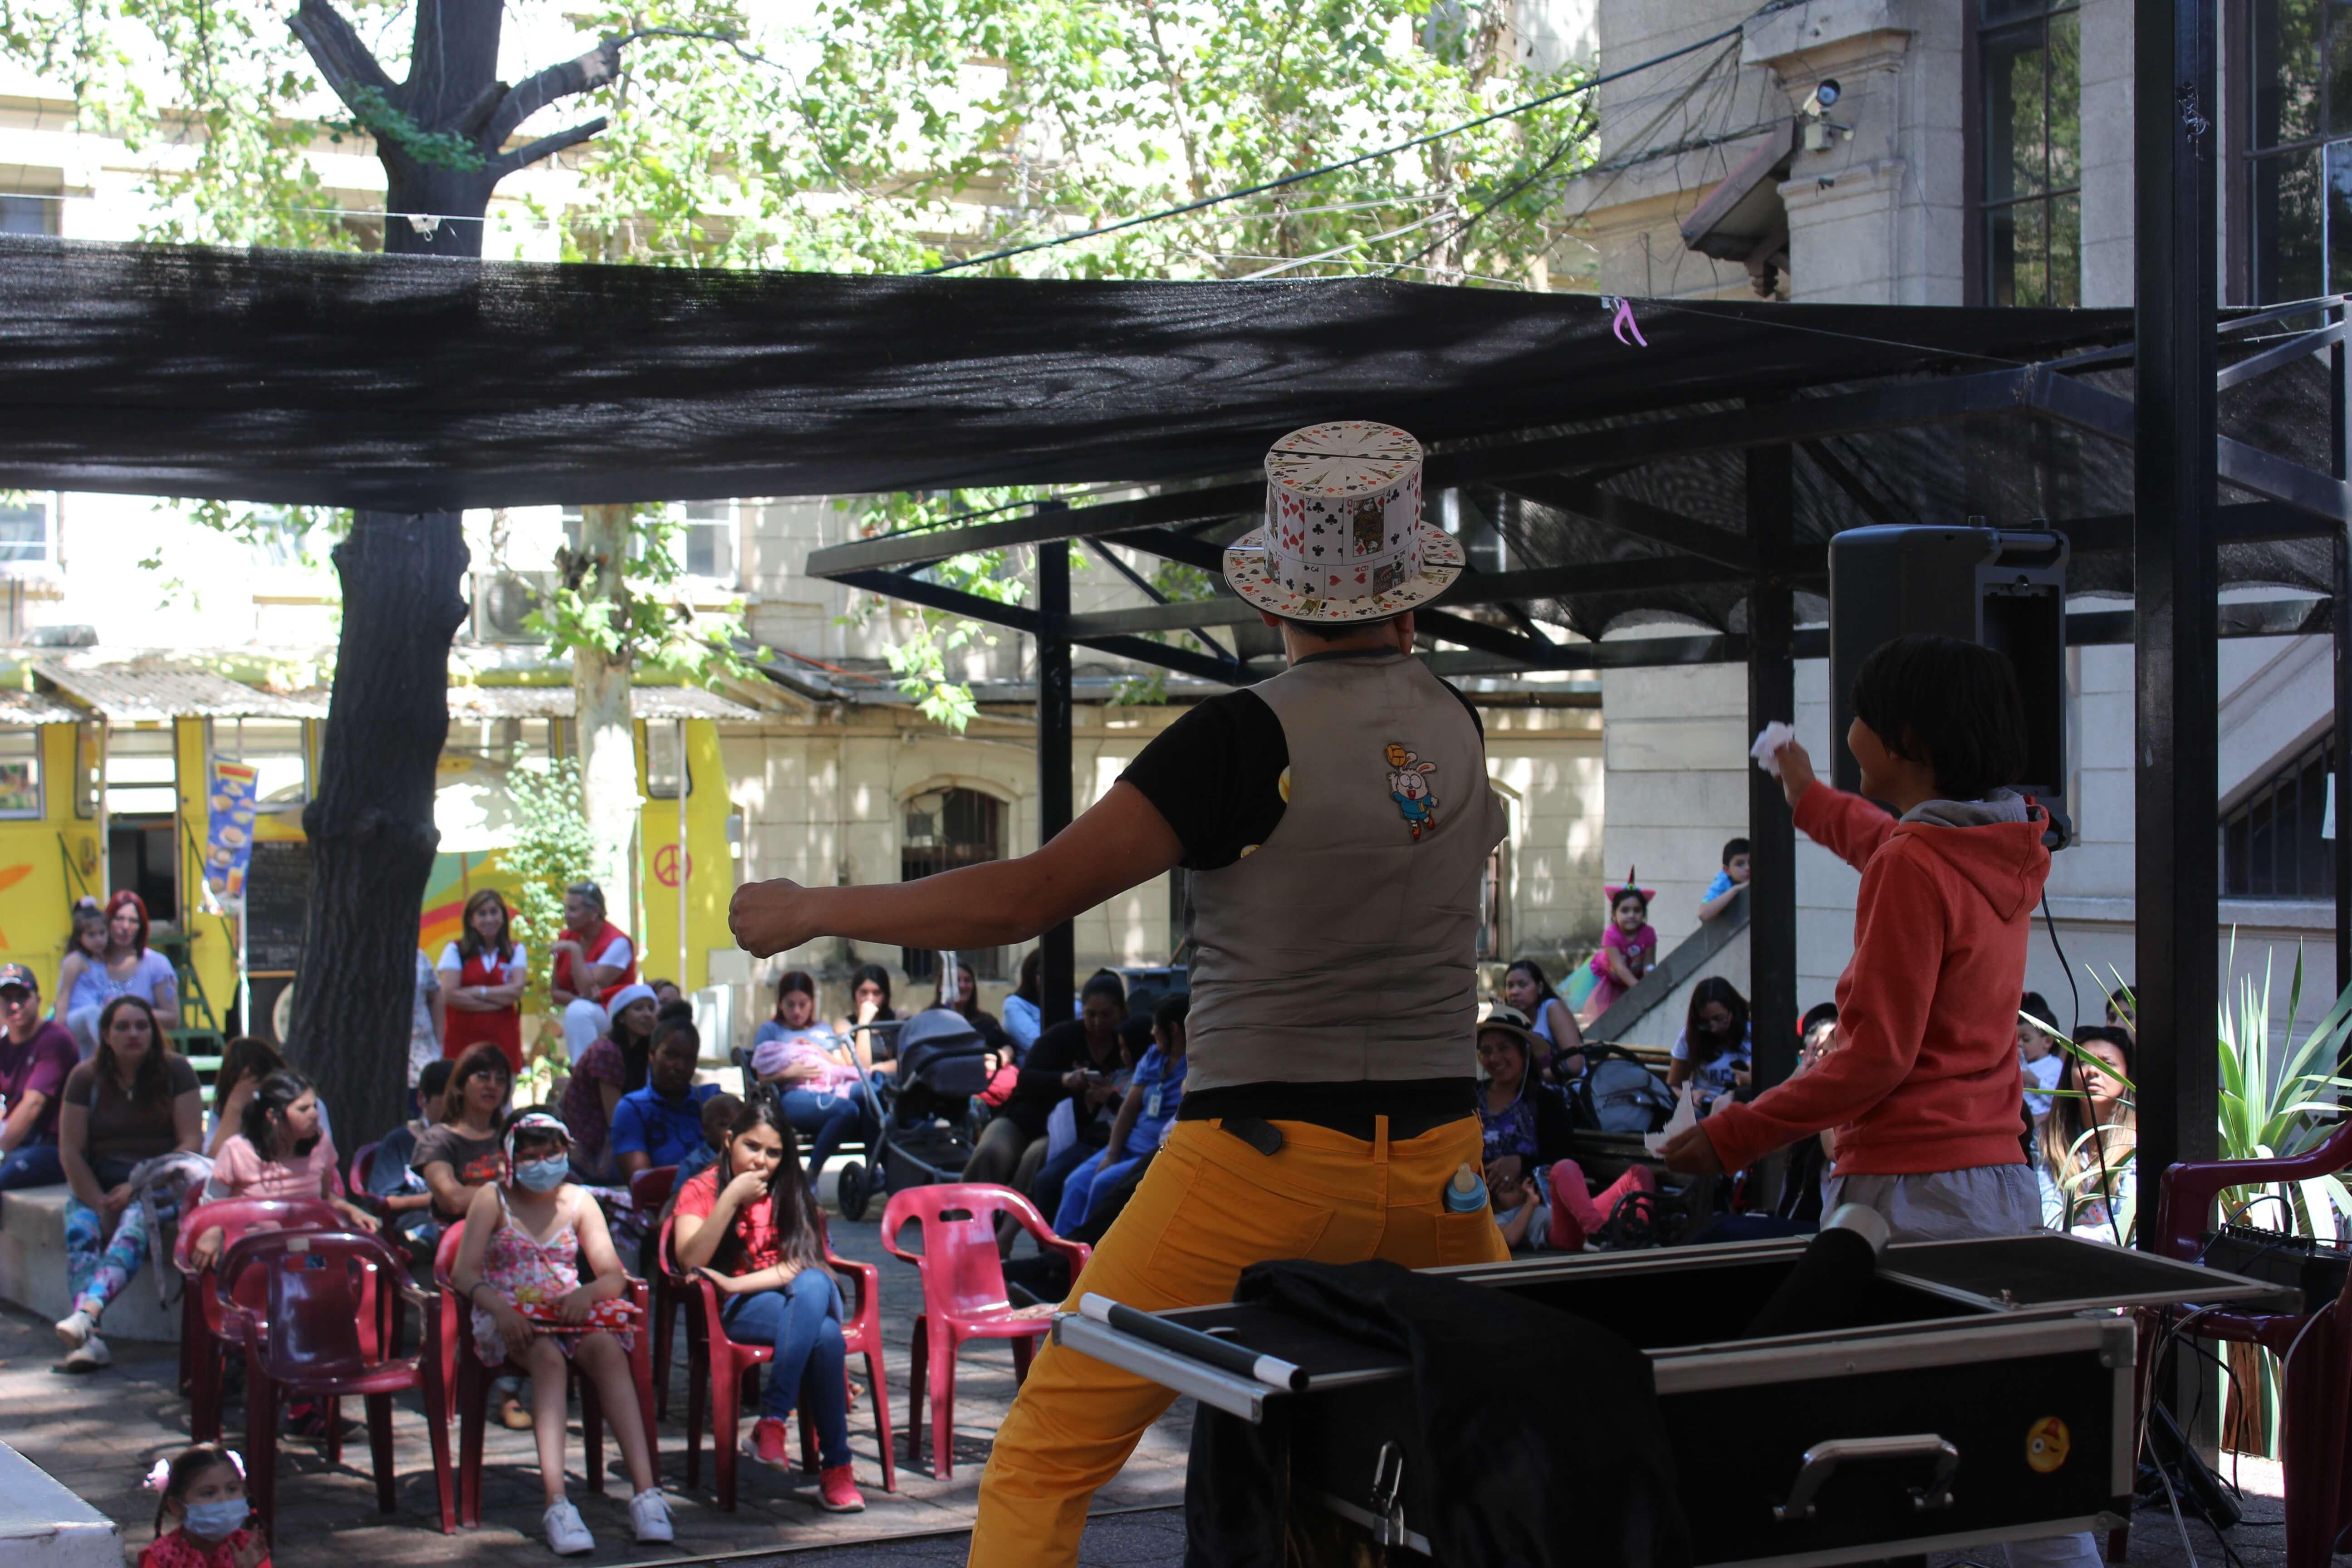 Show de Magia para niños del Hospital Clínico San Borja Arriarán